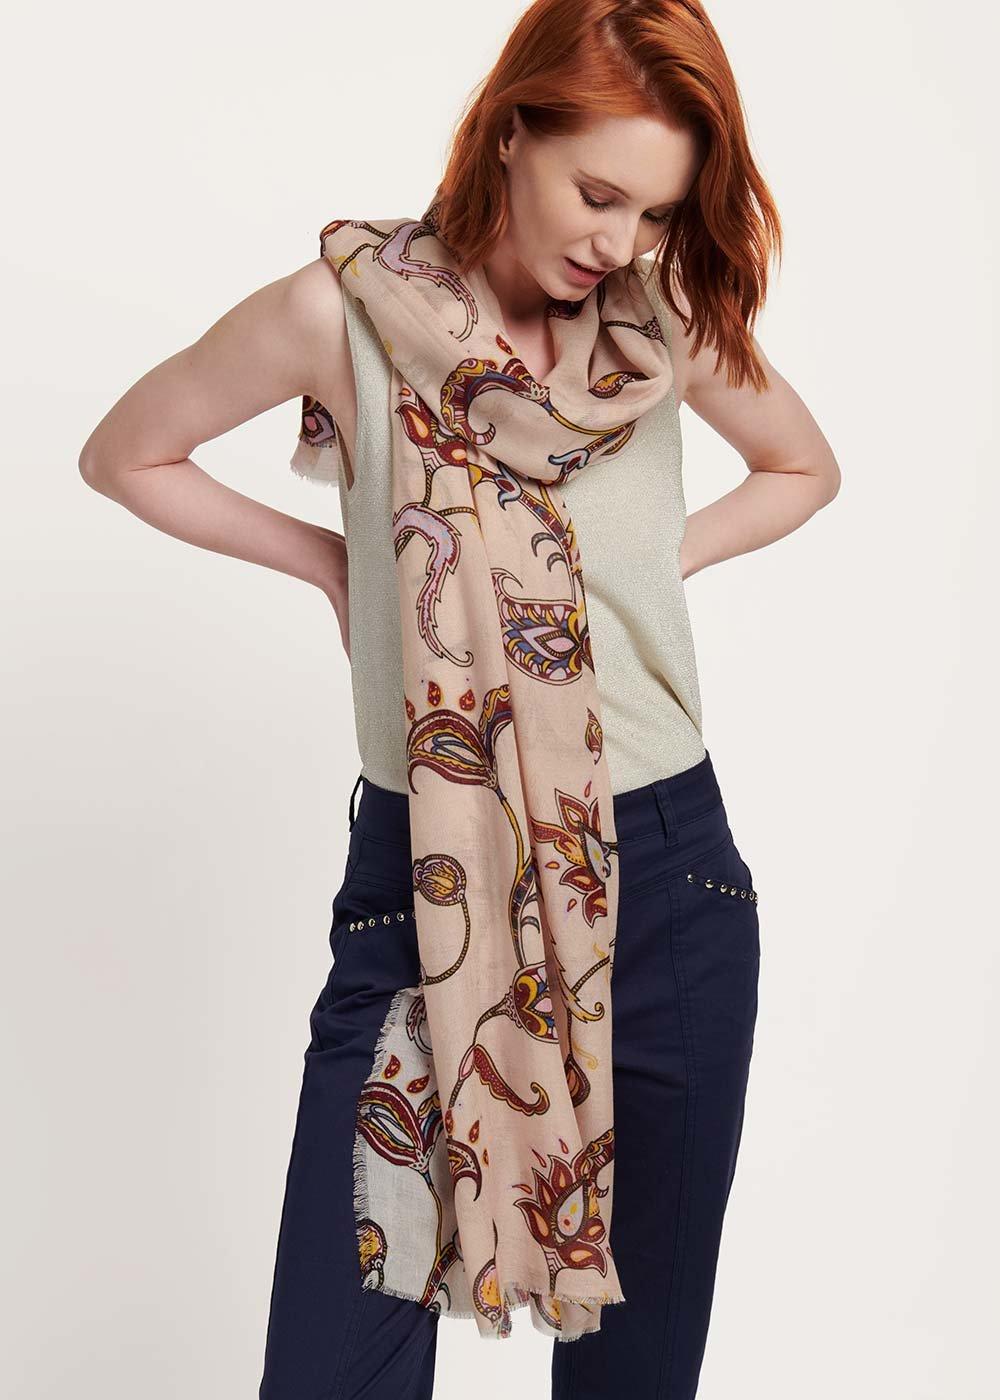 Sonya patterned headscarf - Doeskin Fantasia - Woman